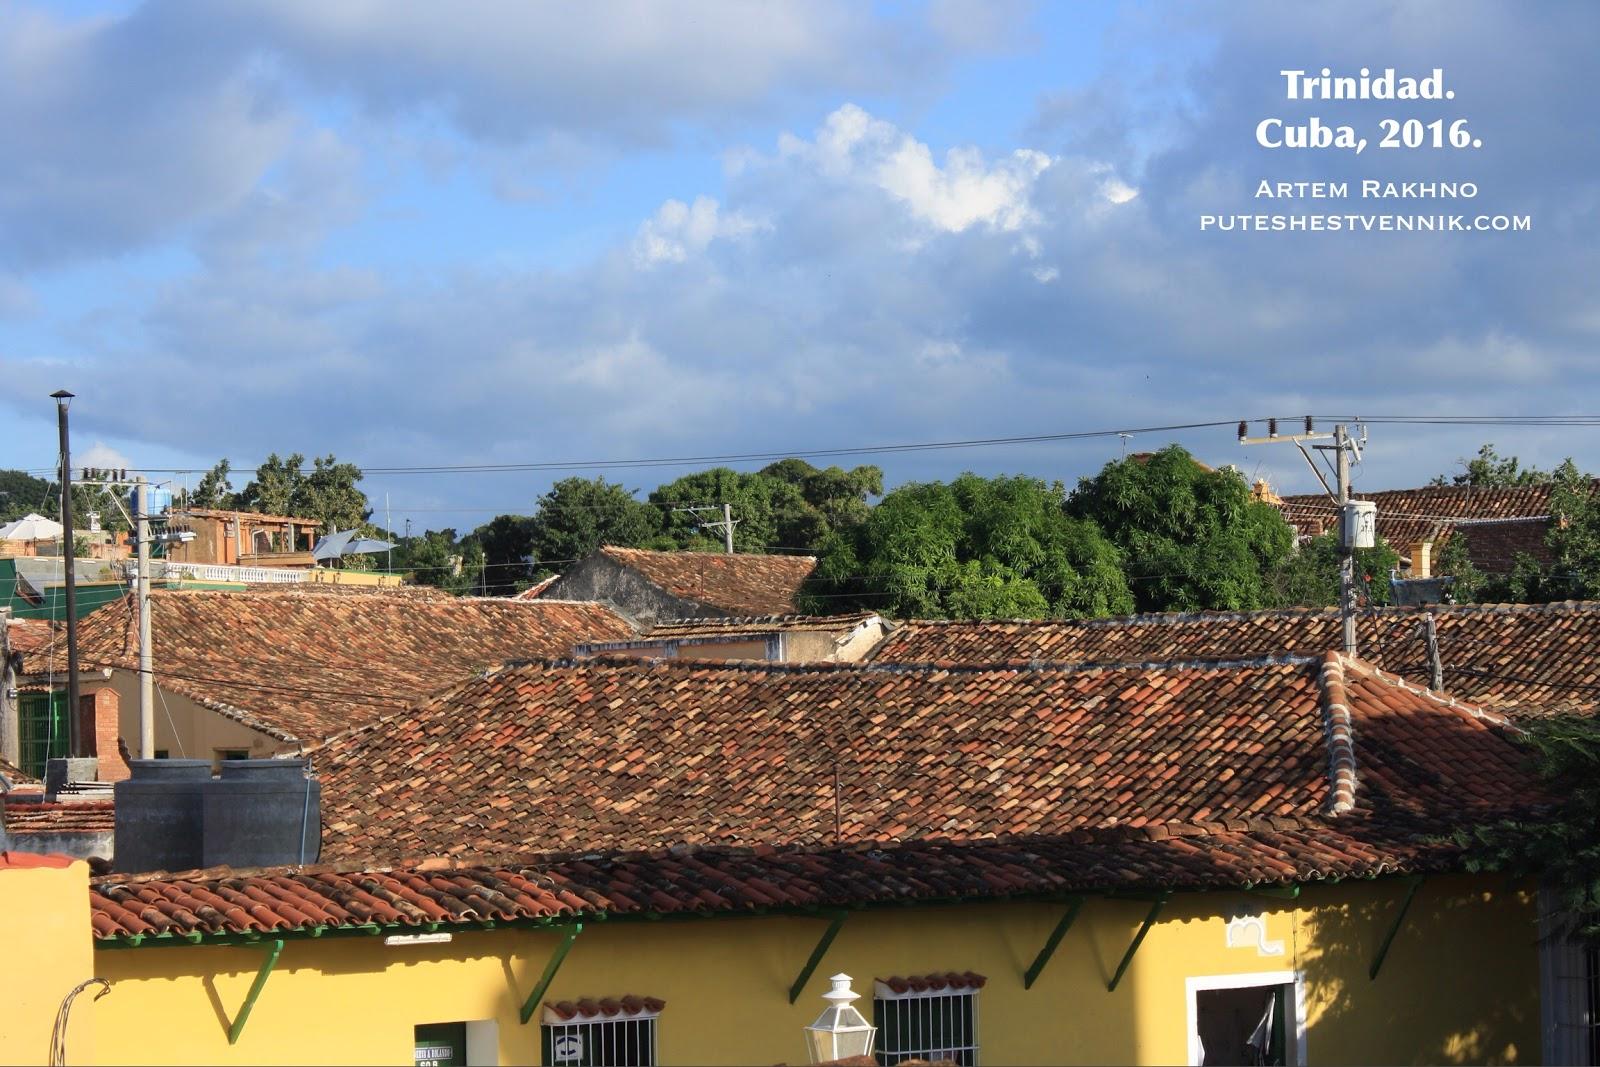 Черепичные крыши города Тринидад